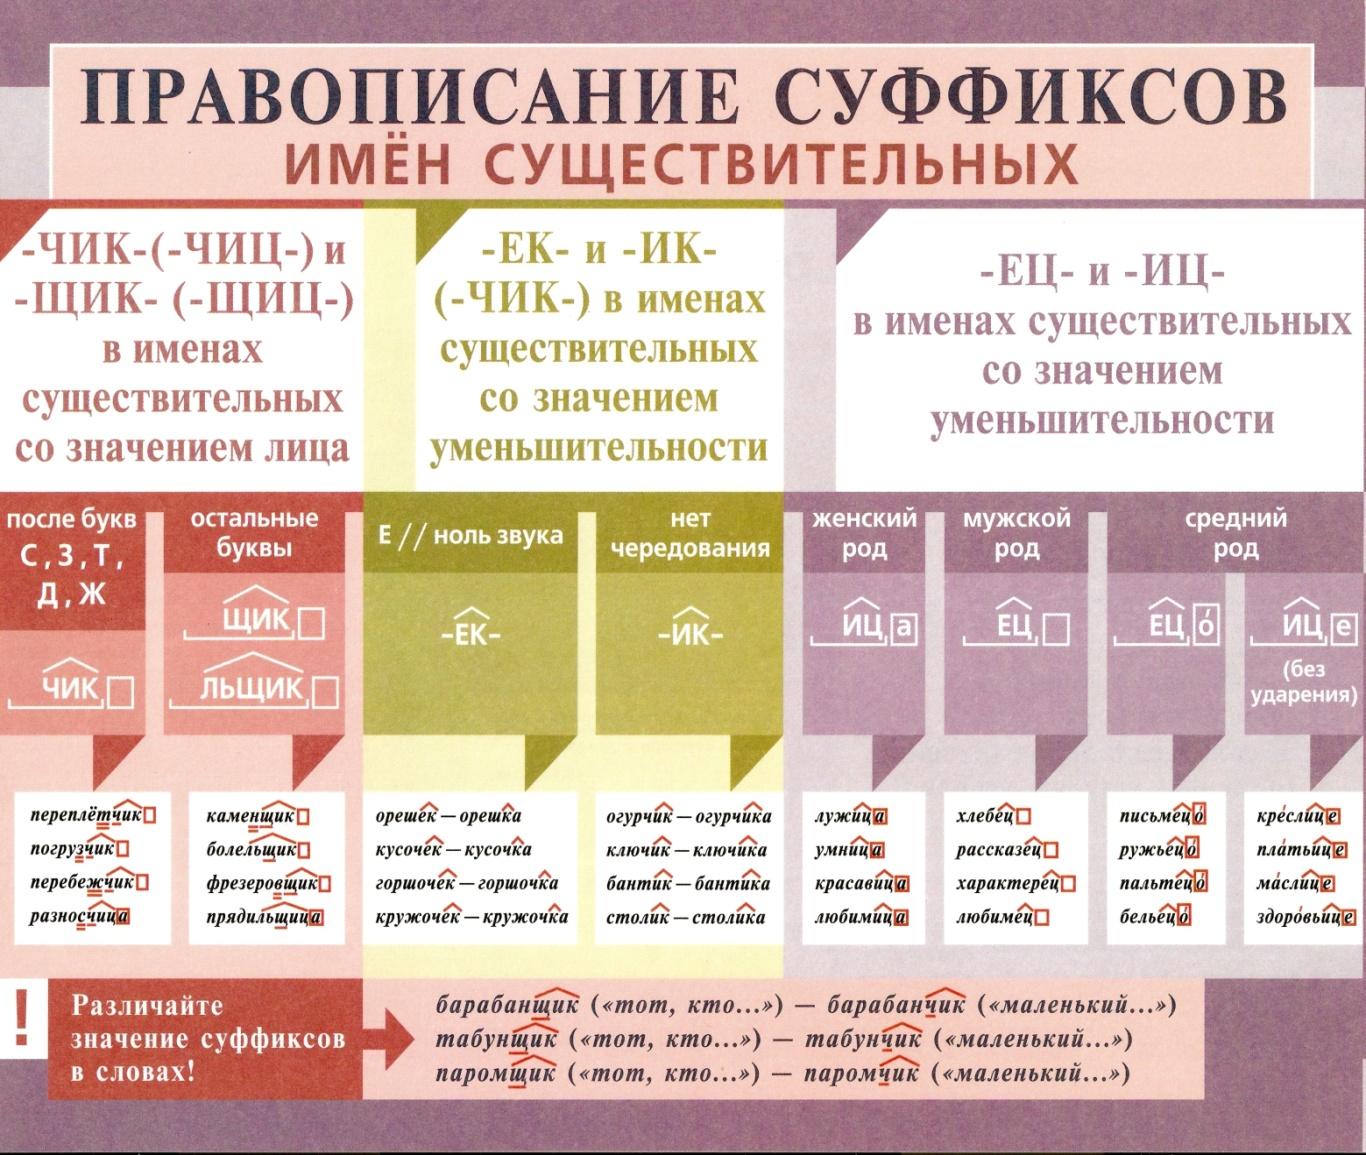 C:\Users\1\Desktop\методическая копилка\Таблицы по русскому языку\орфография\сканирование0005.jpg